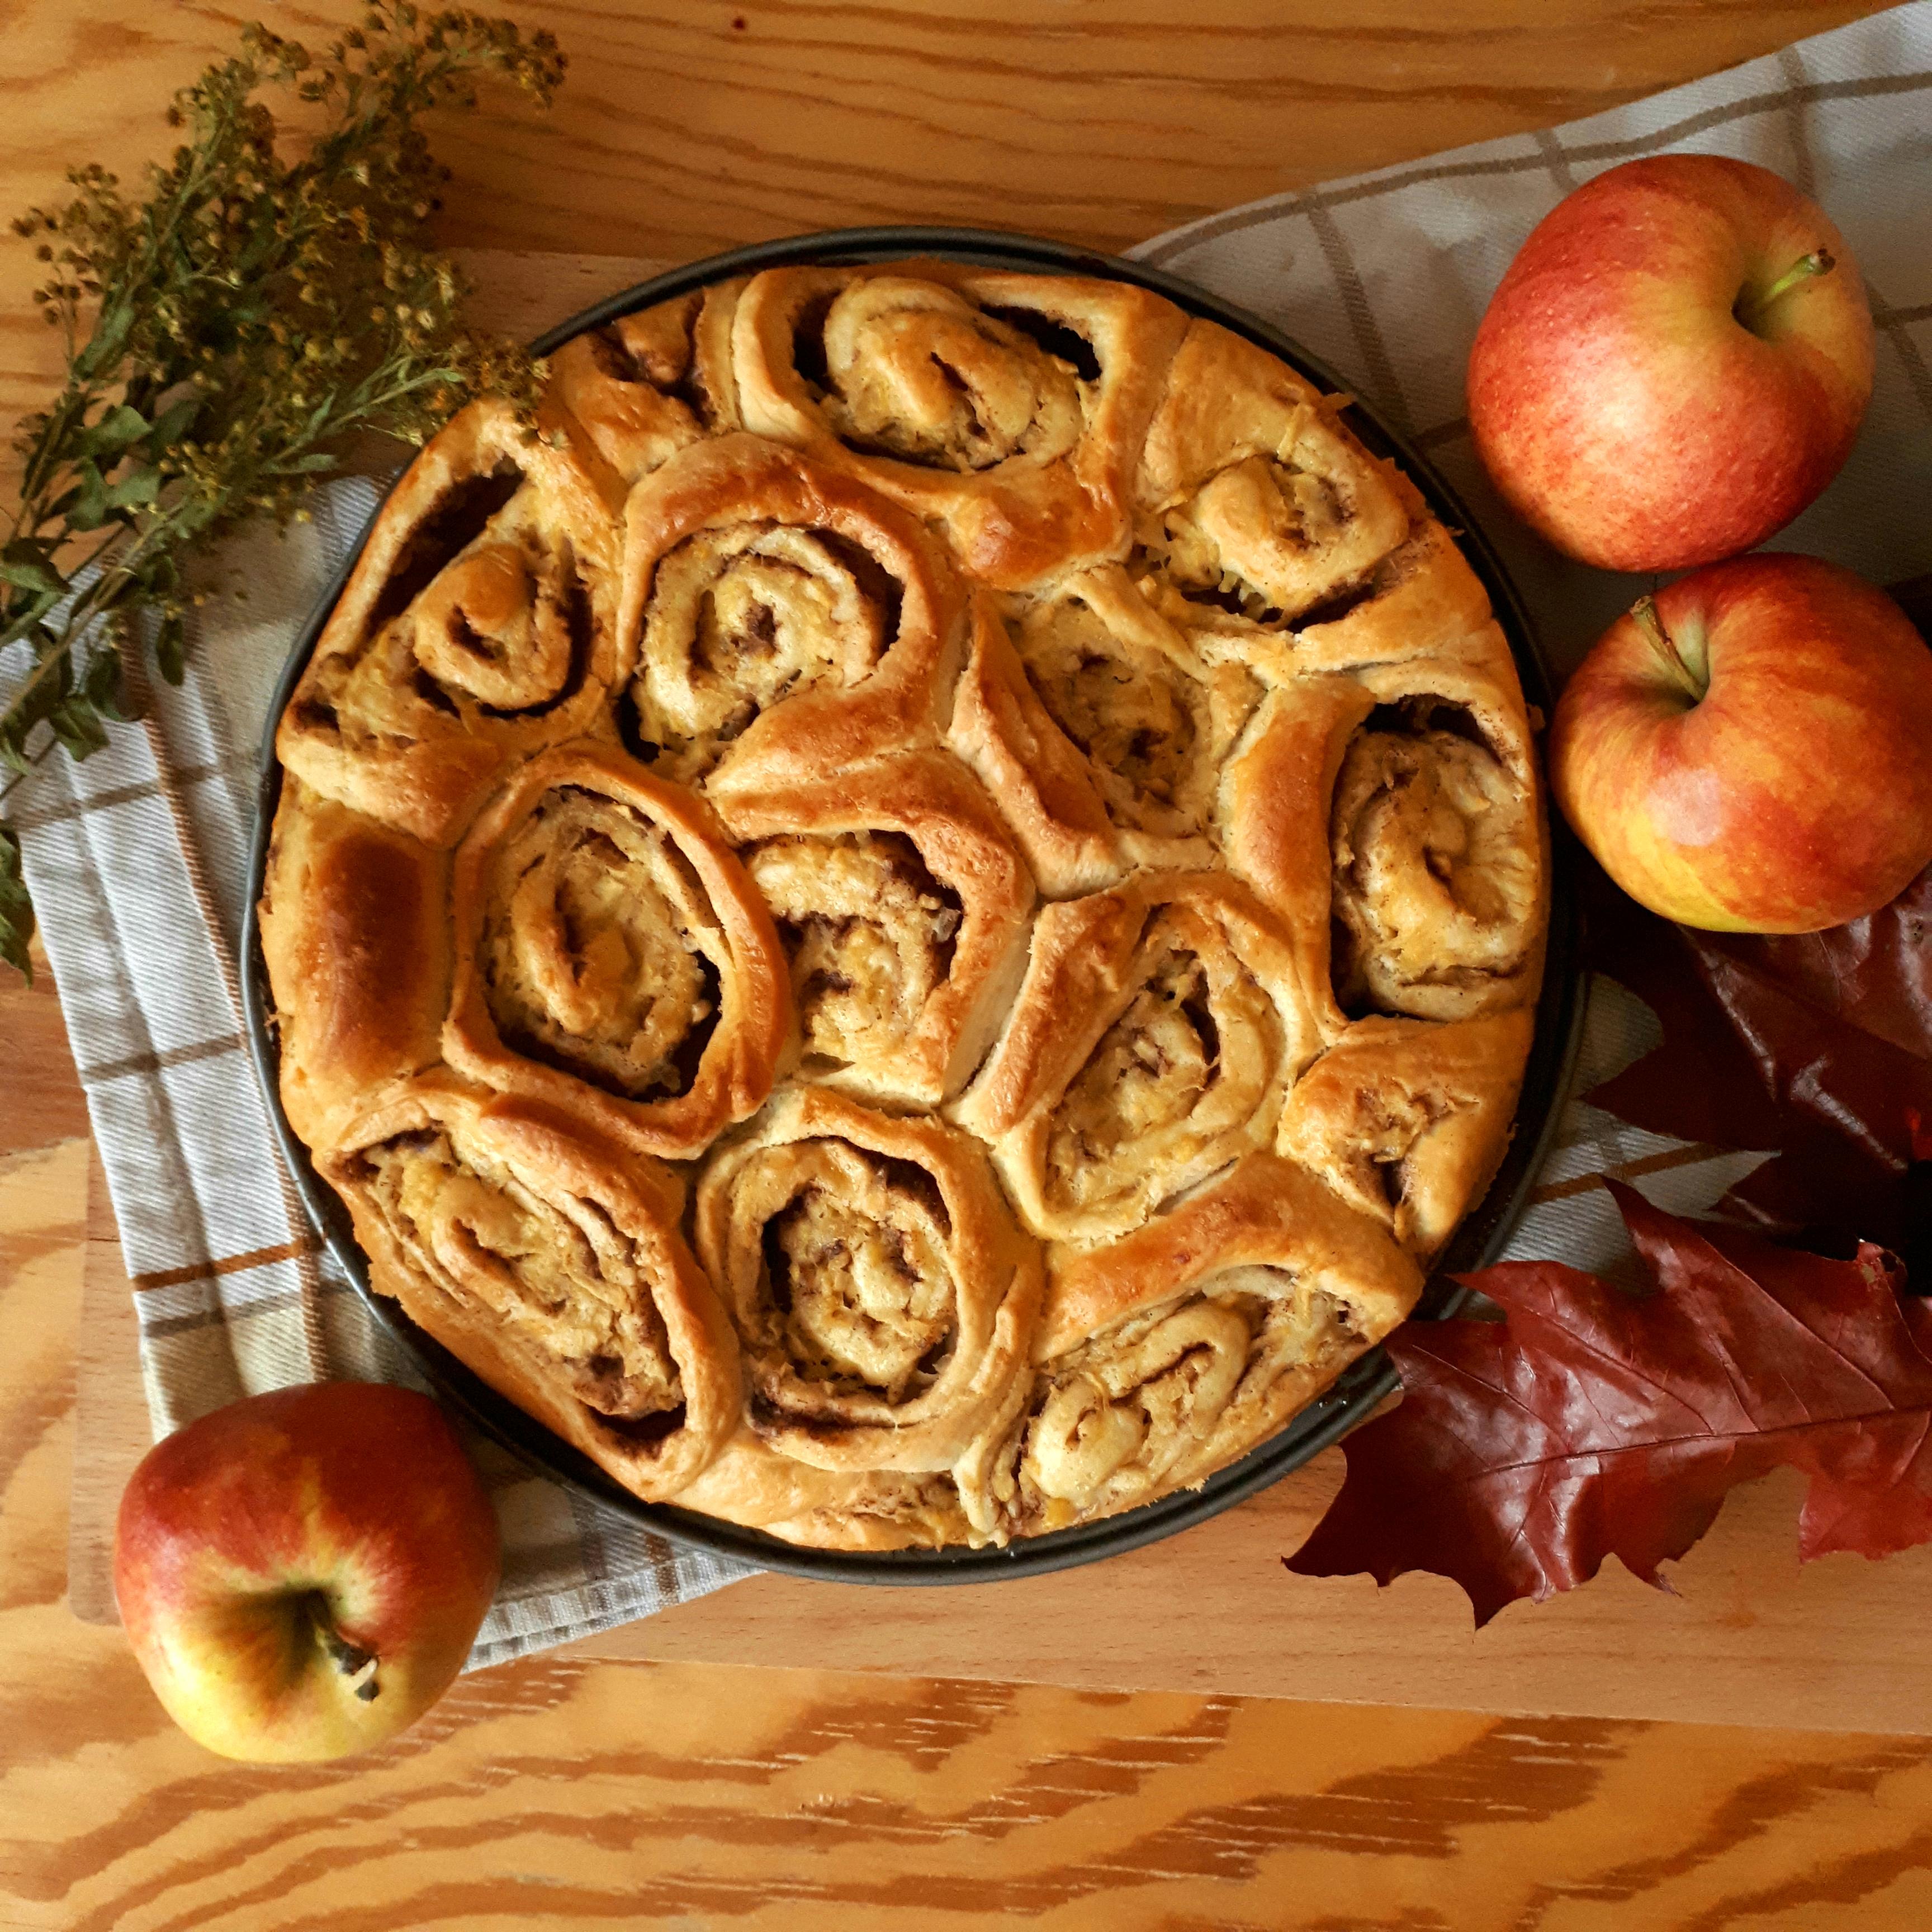 Okrúhla tortová forma s upečenými škoricovými slimákmi na drevenej doske žlto biela kuchynská utierka tri jablká usušená vetvička červené listy na drevenom stole